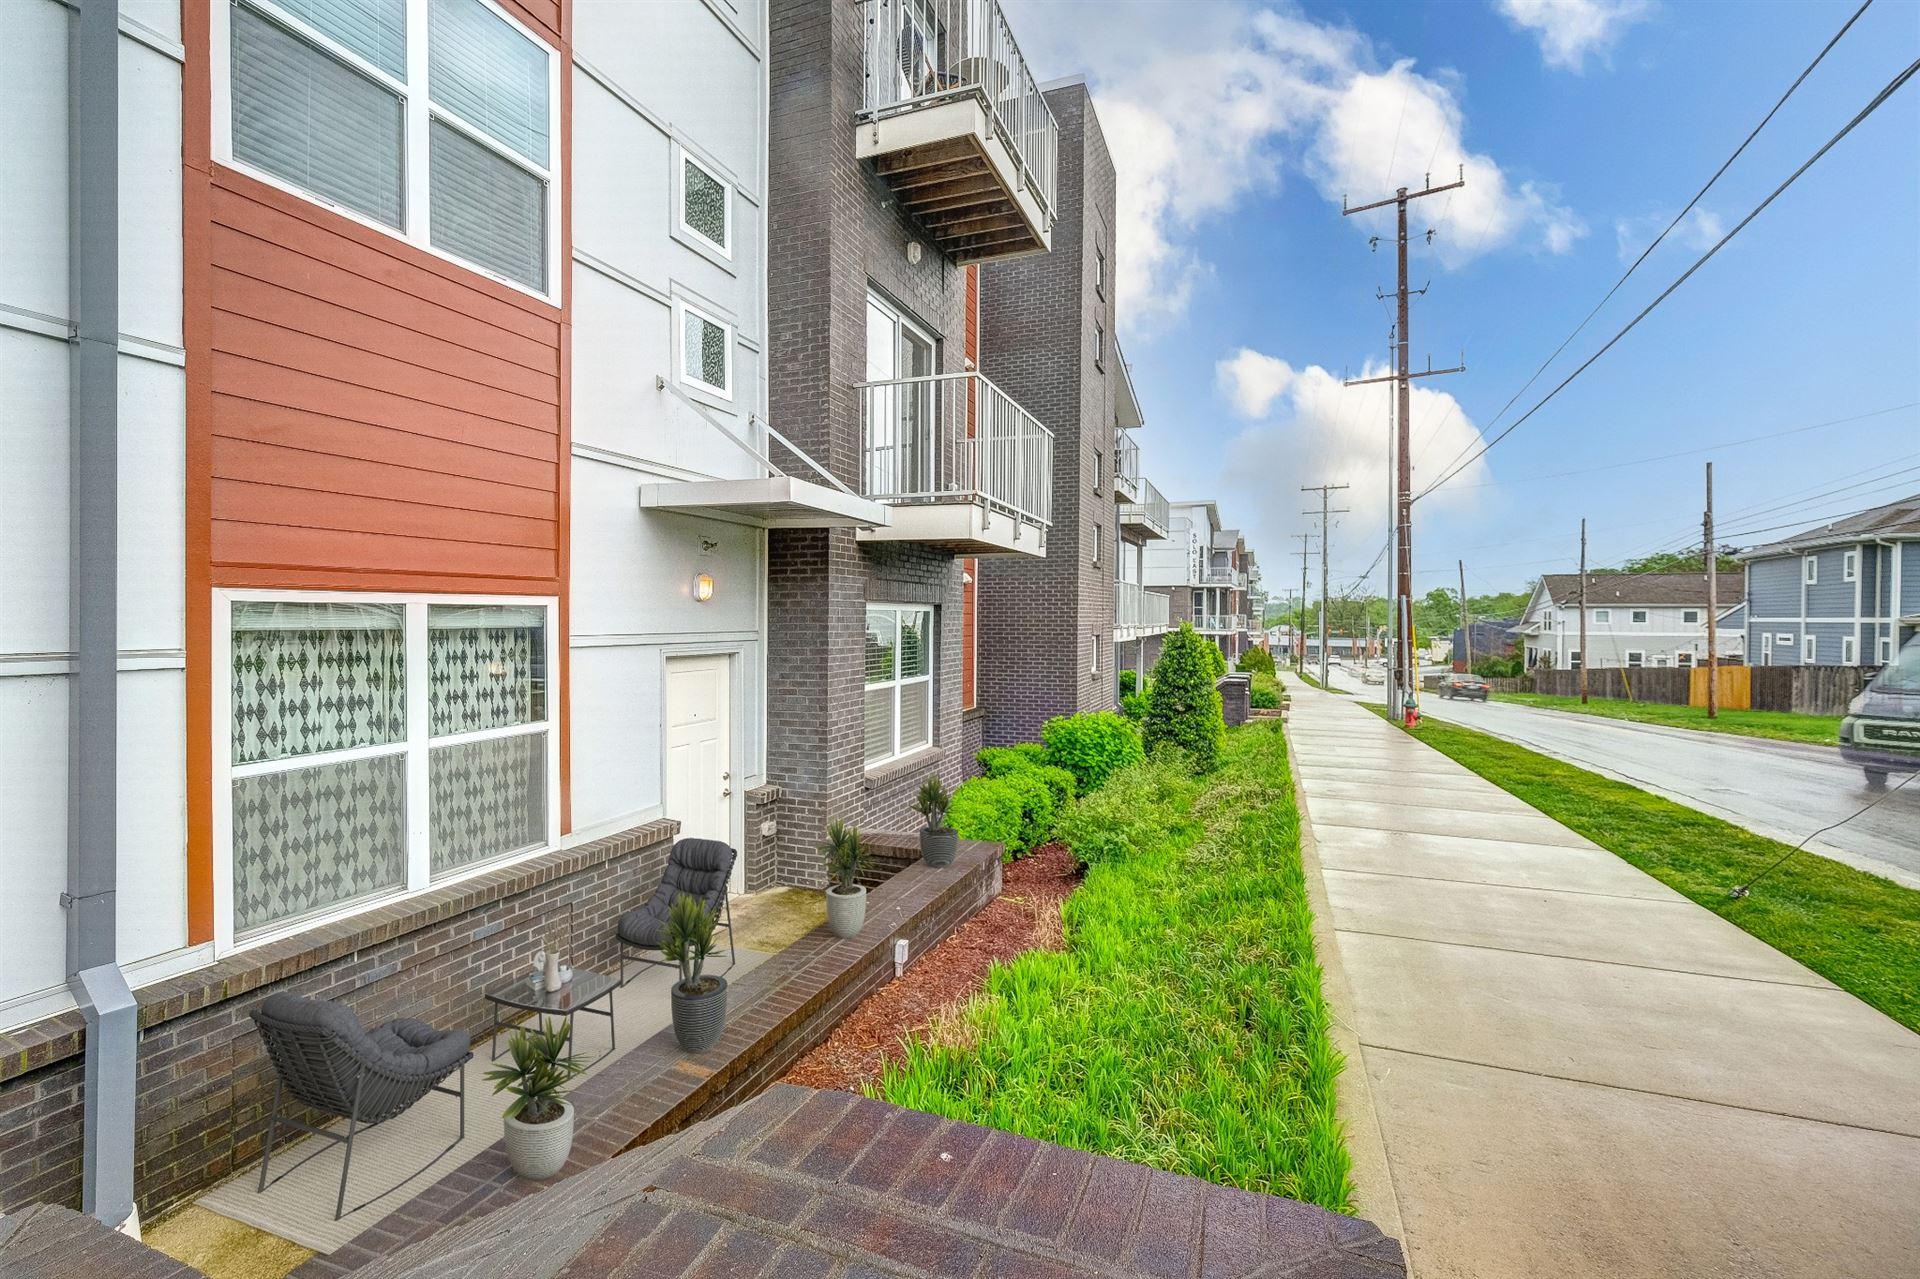 Photo of 1128 Litton Ave #121, Nashville, TN 37216 (MLS # 2249725)